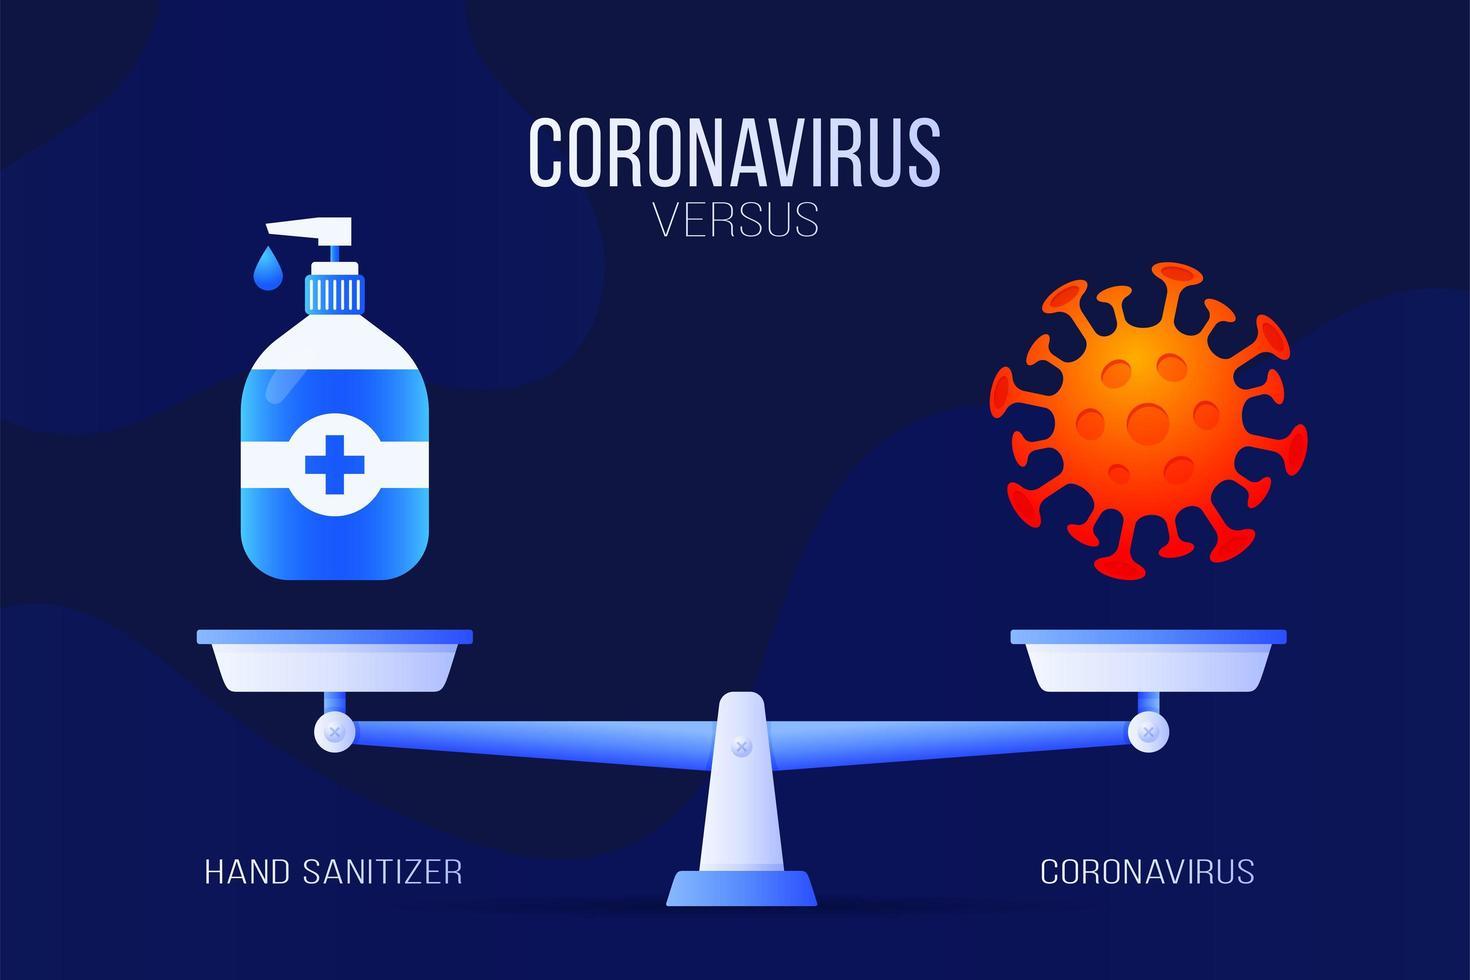 illustration vectorielle de coronavirus ou désinfectant pour les mains. concept créatif d'échelles et contre, d'un côté de l'échelle se trouve un virus covid-19 et de l'autre icône de désinfectant. illustration vectorielle plane. vecteur